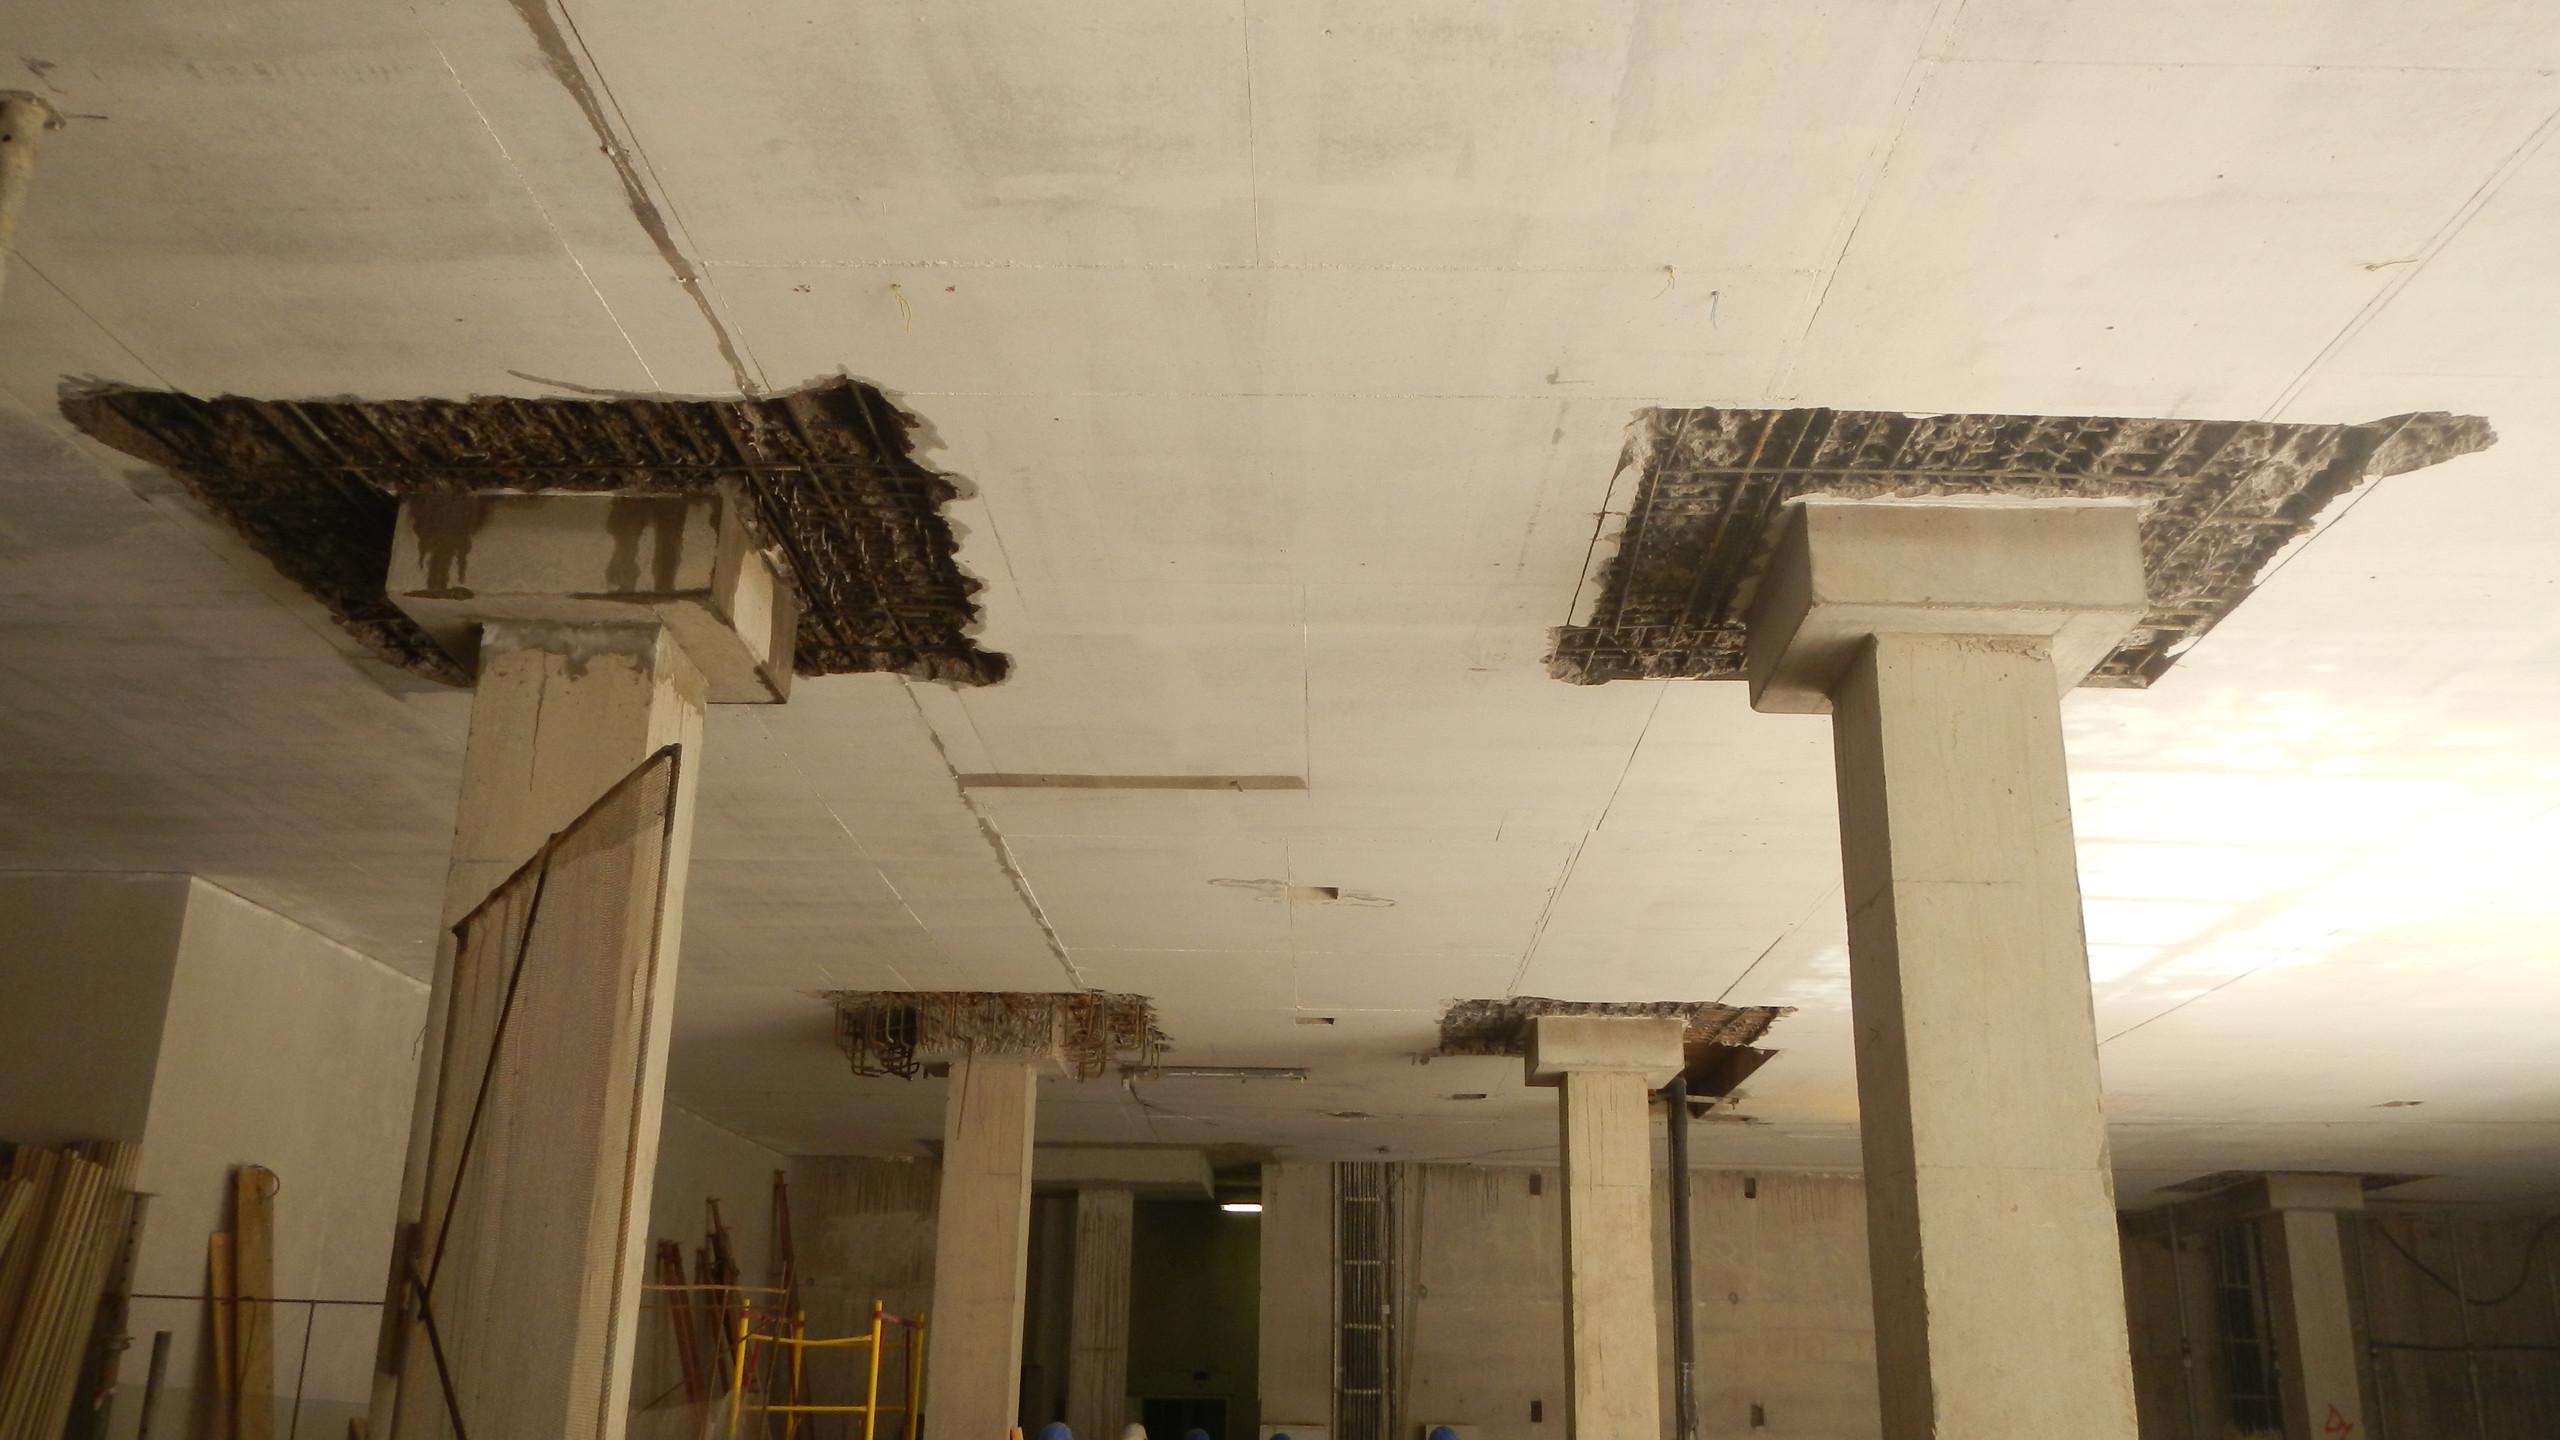 Демонтаж бетона перекрытий с сохранением армкаркаса. г.Санкт-Петербург, Газпром Экспорт